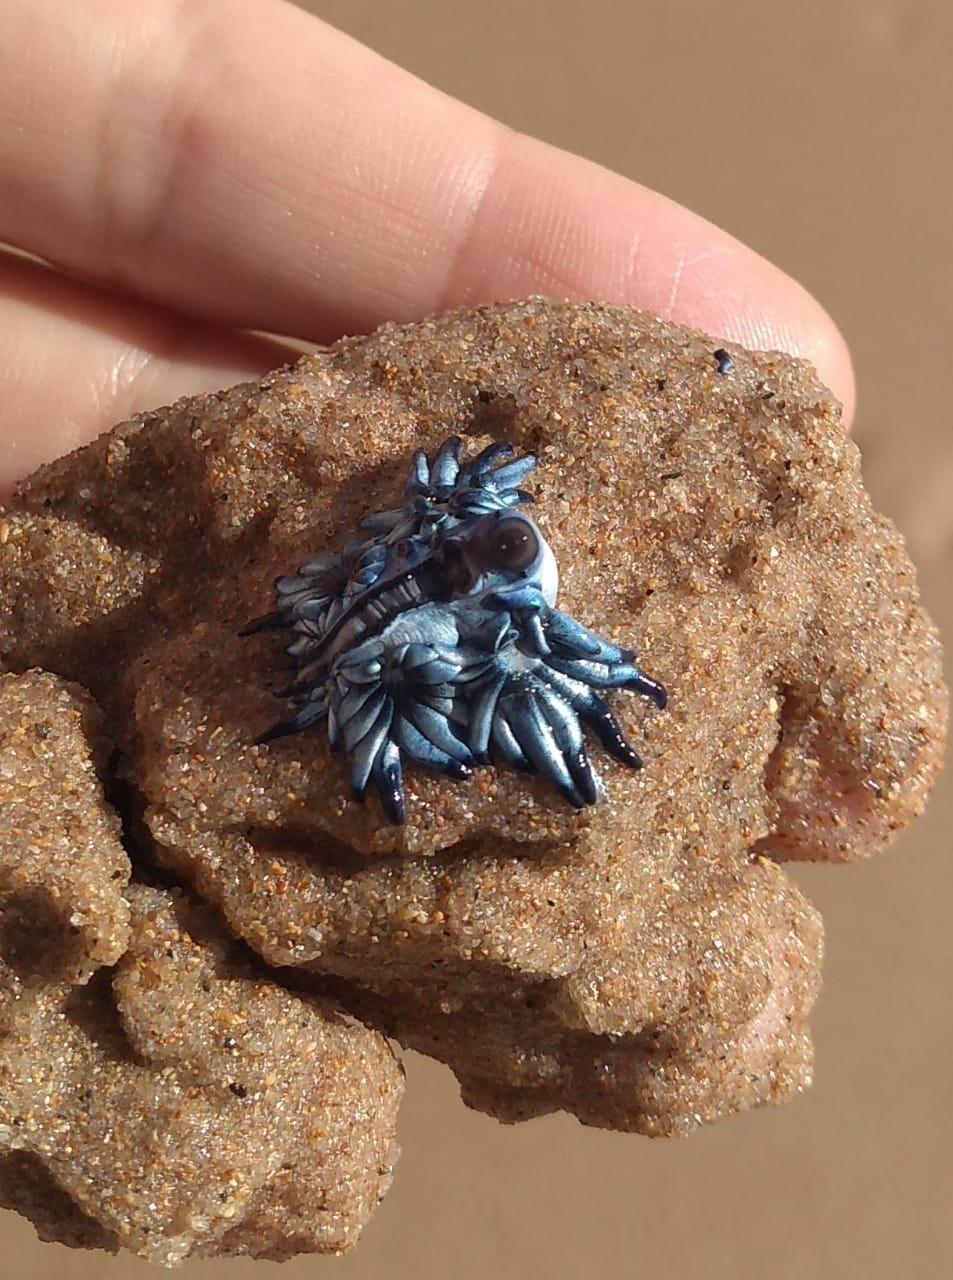 Na foto, uma mão aberta segura um dragão do mar. Ao fundo está a areia da praia